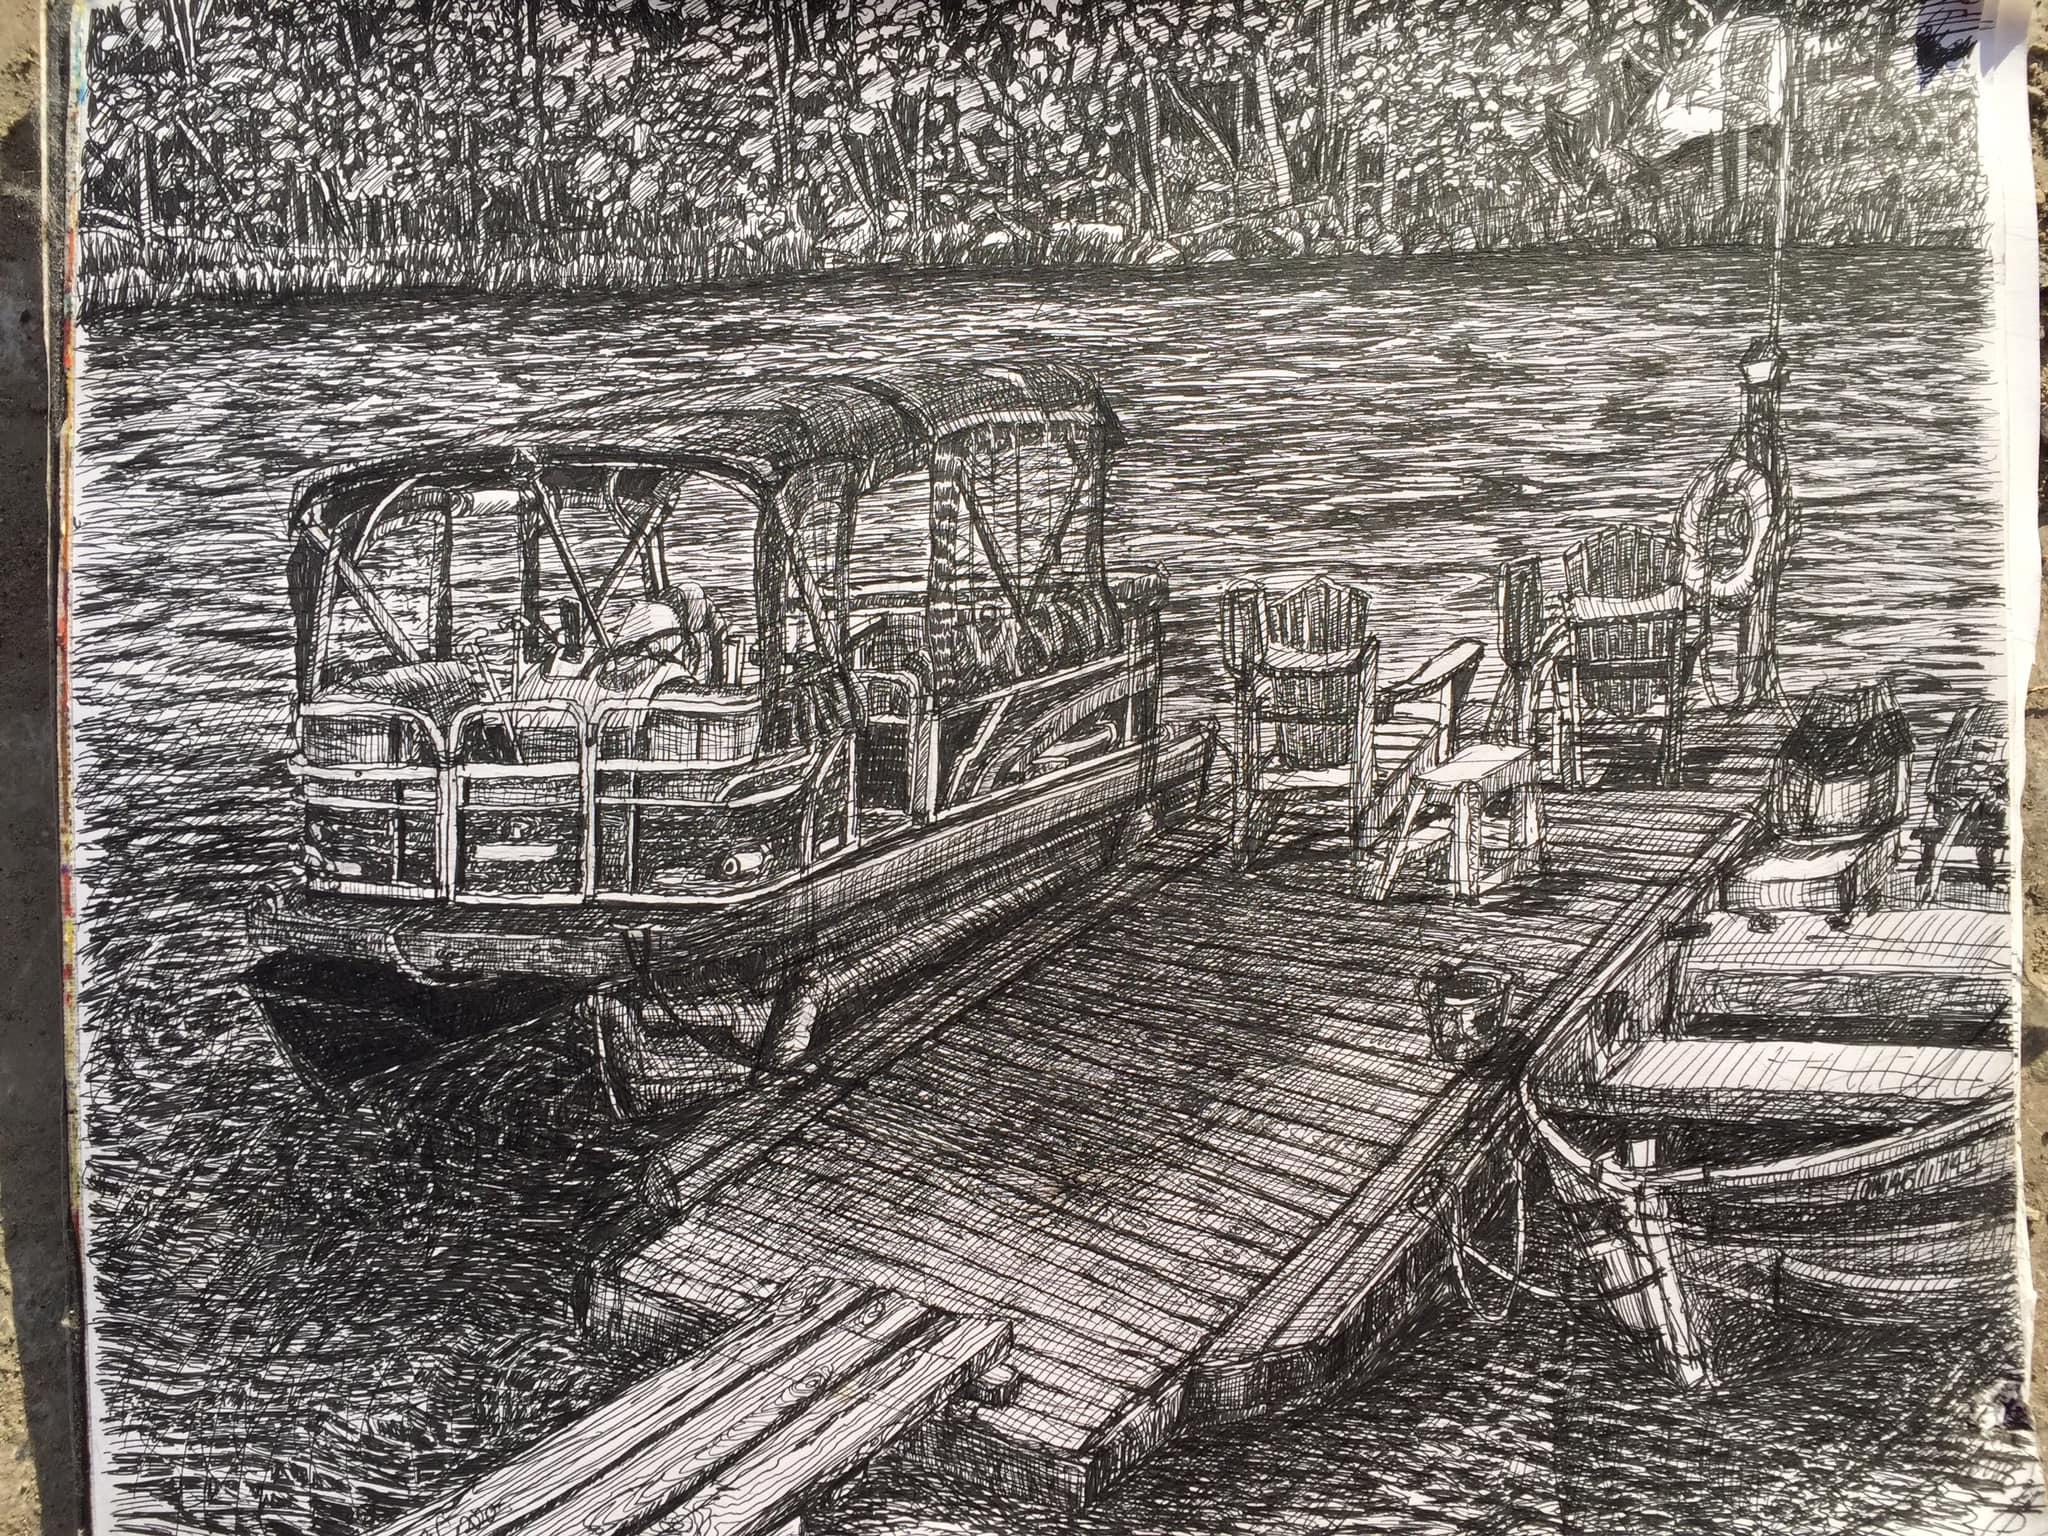 the-final-voyage---2235-manchester-drive-by-cork-ireland-freelance-artist---art-van-leeuwen